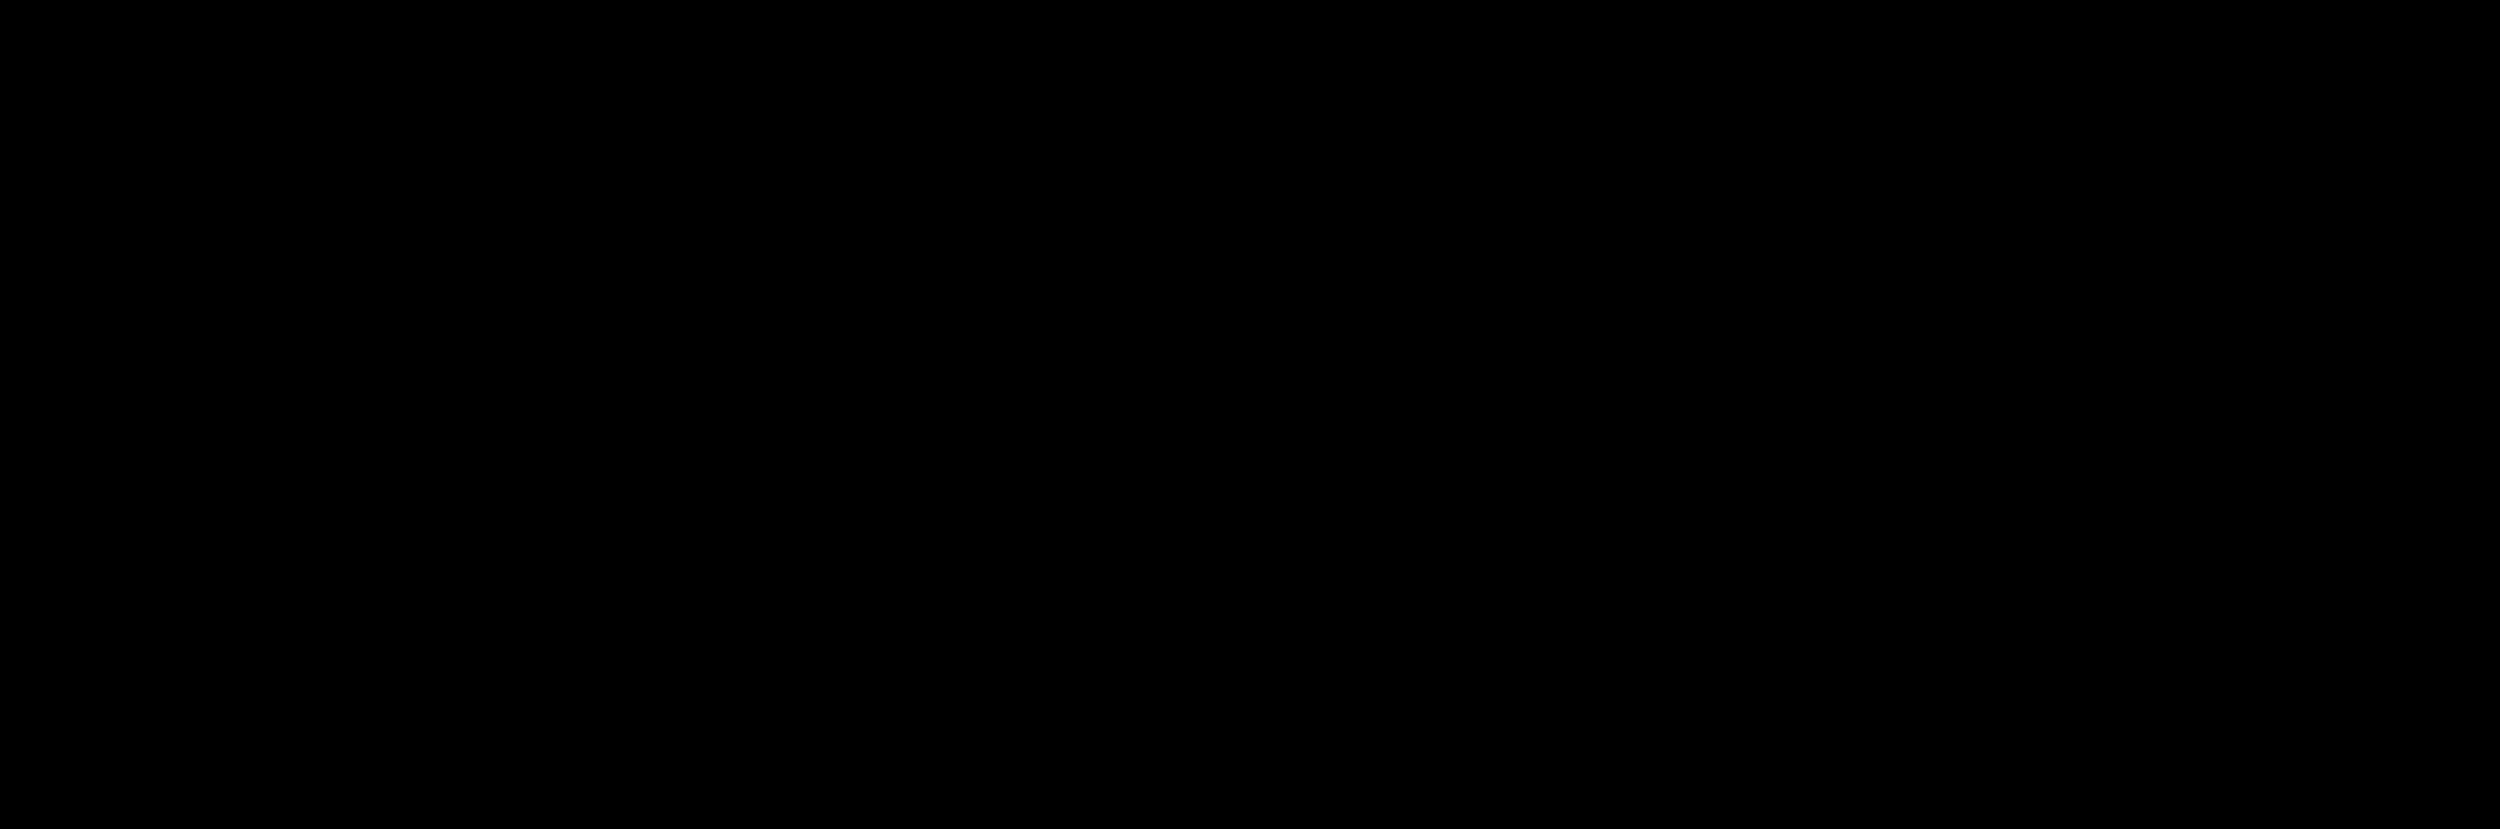 Morellino_logo.png